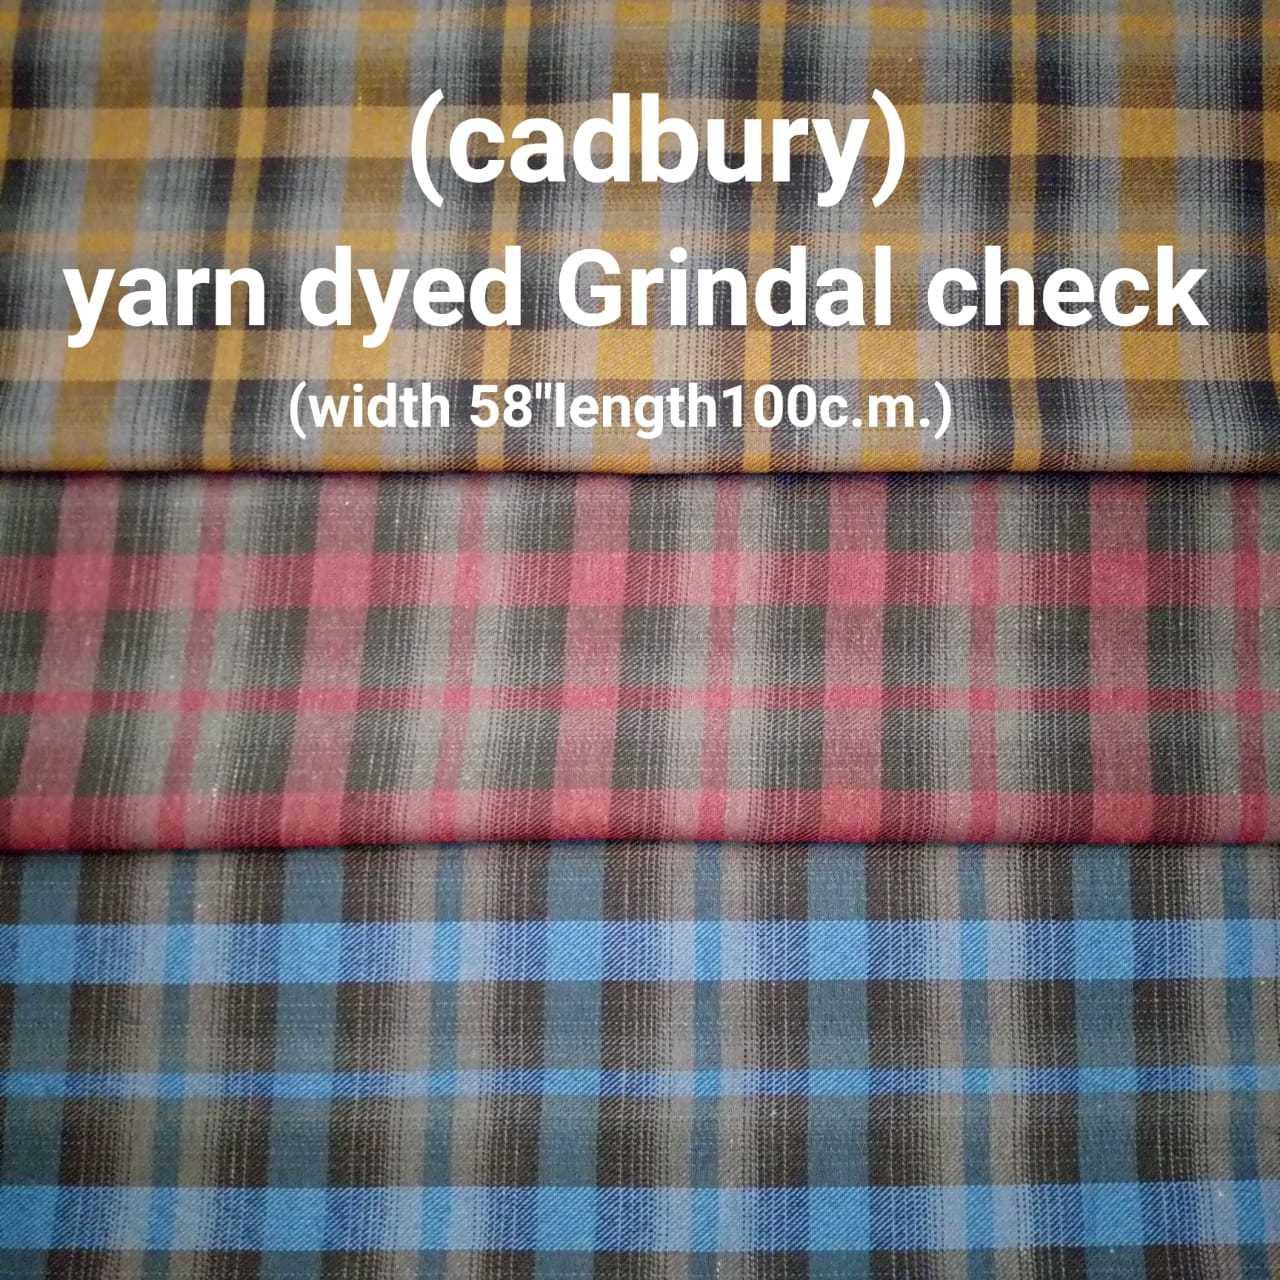 Cadbury yarn dyed twill check